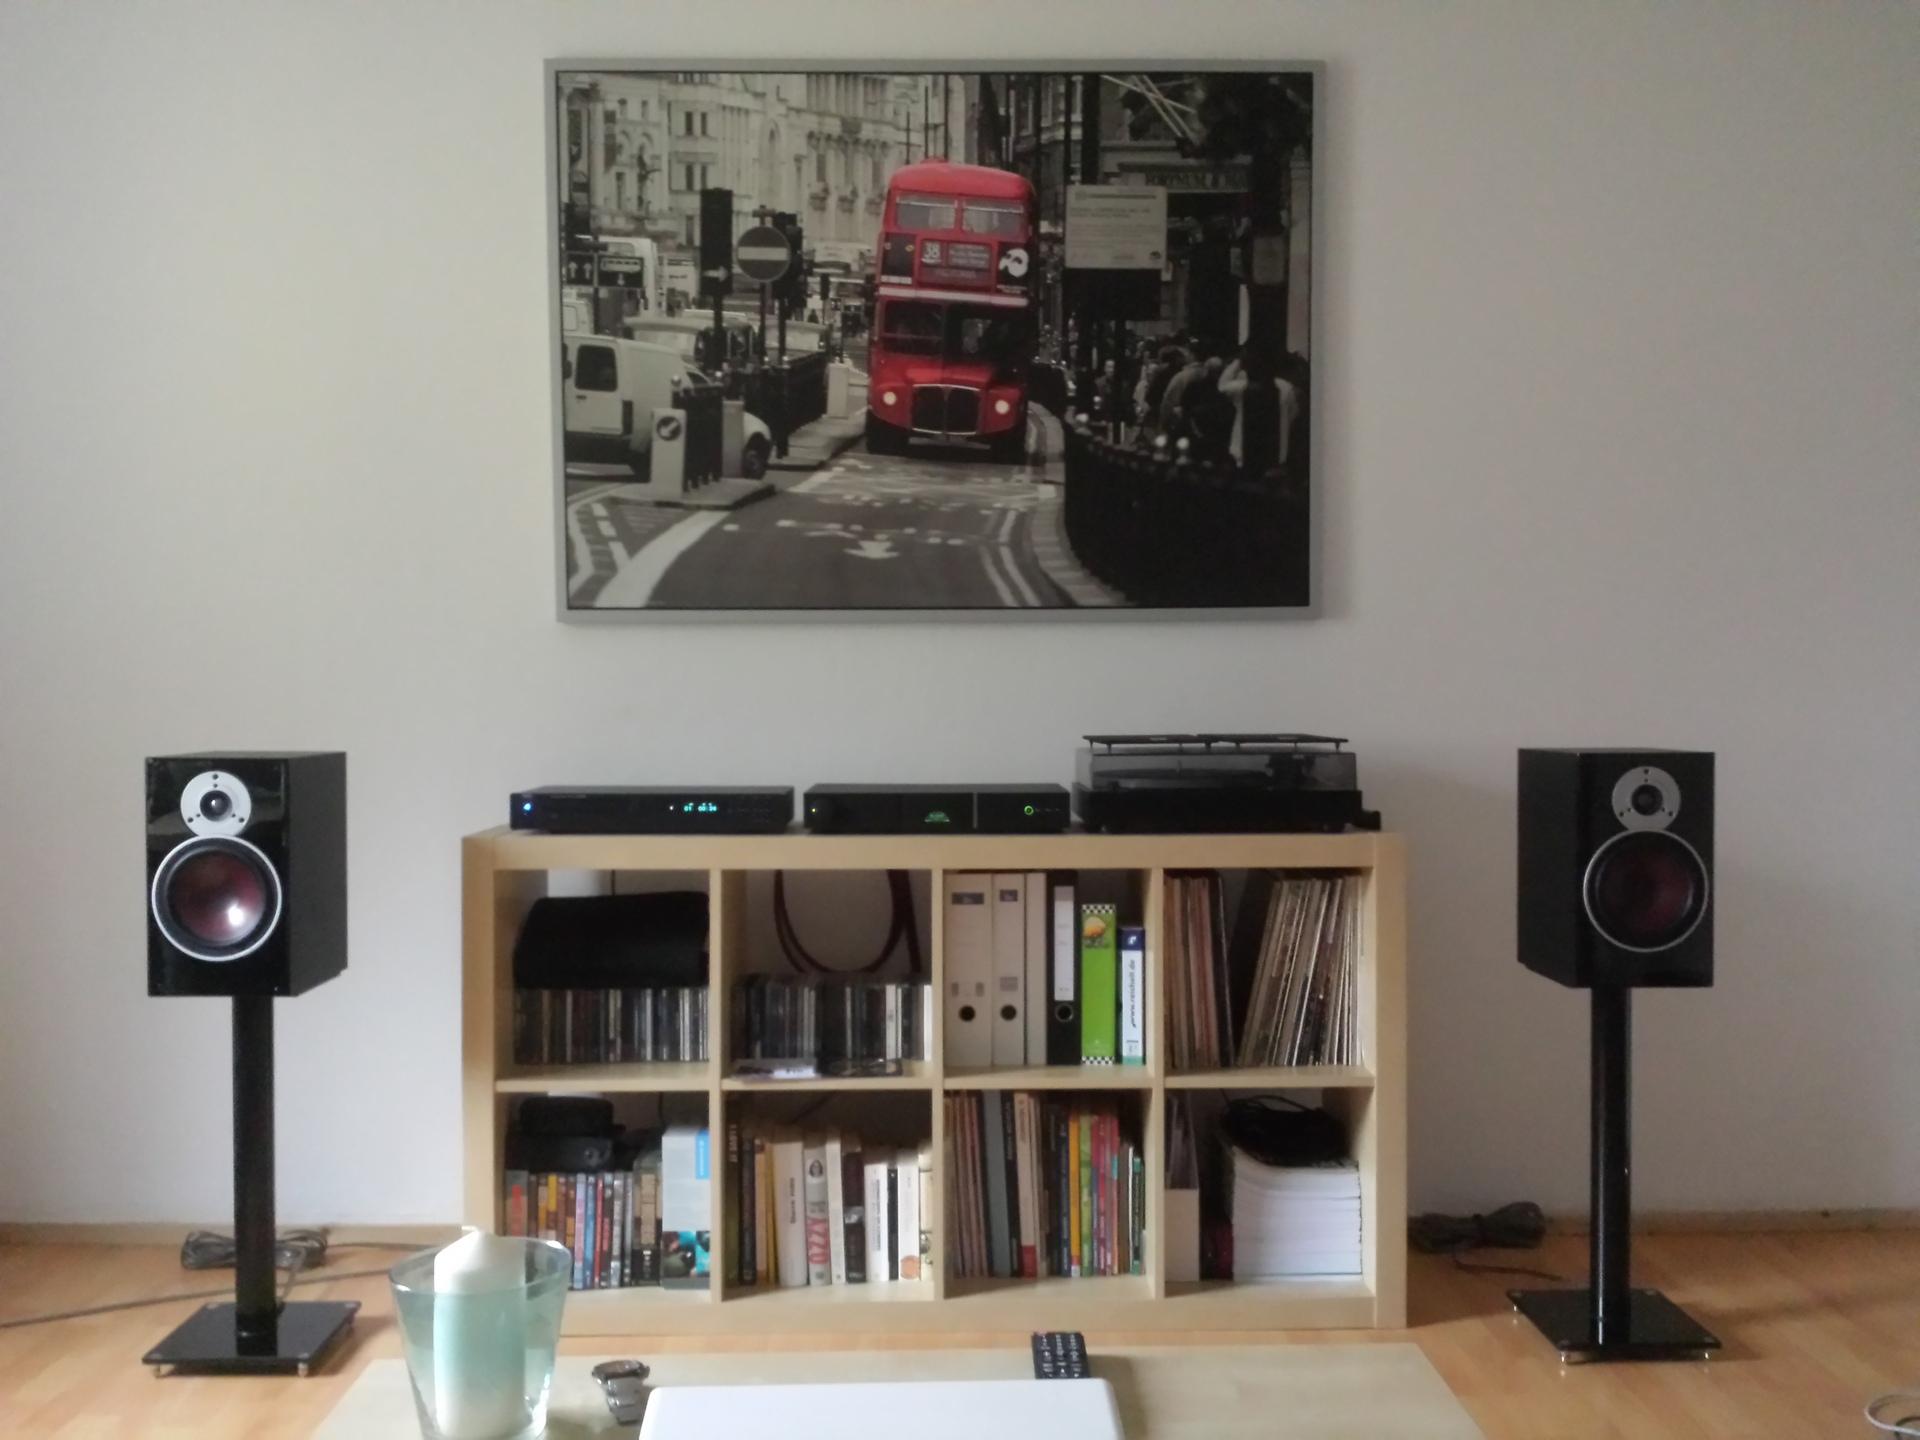 20131226 132925 hifi bildergalerie - Audio anlage wohnzimmer ...